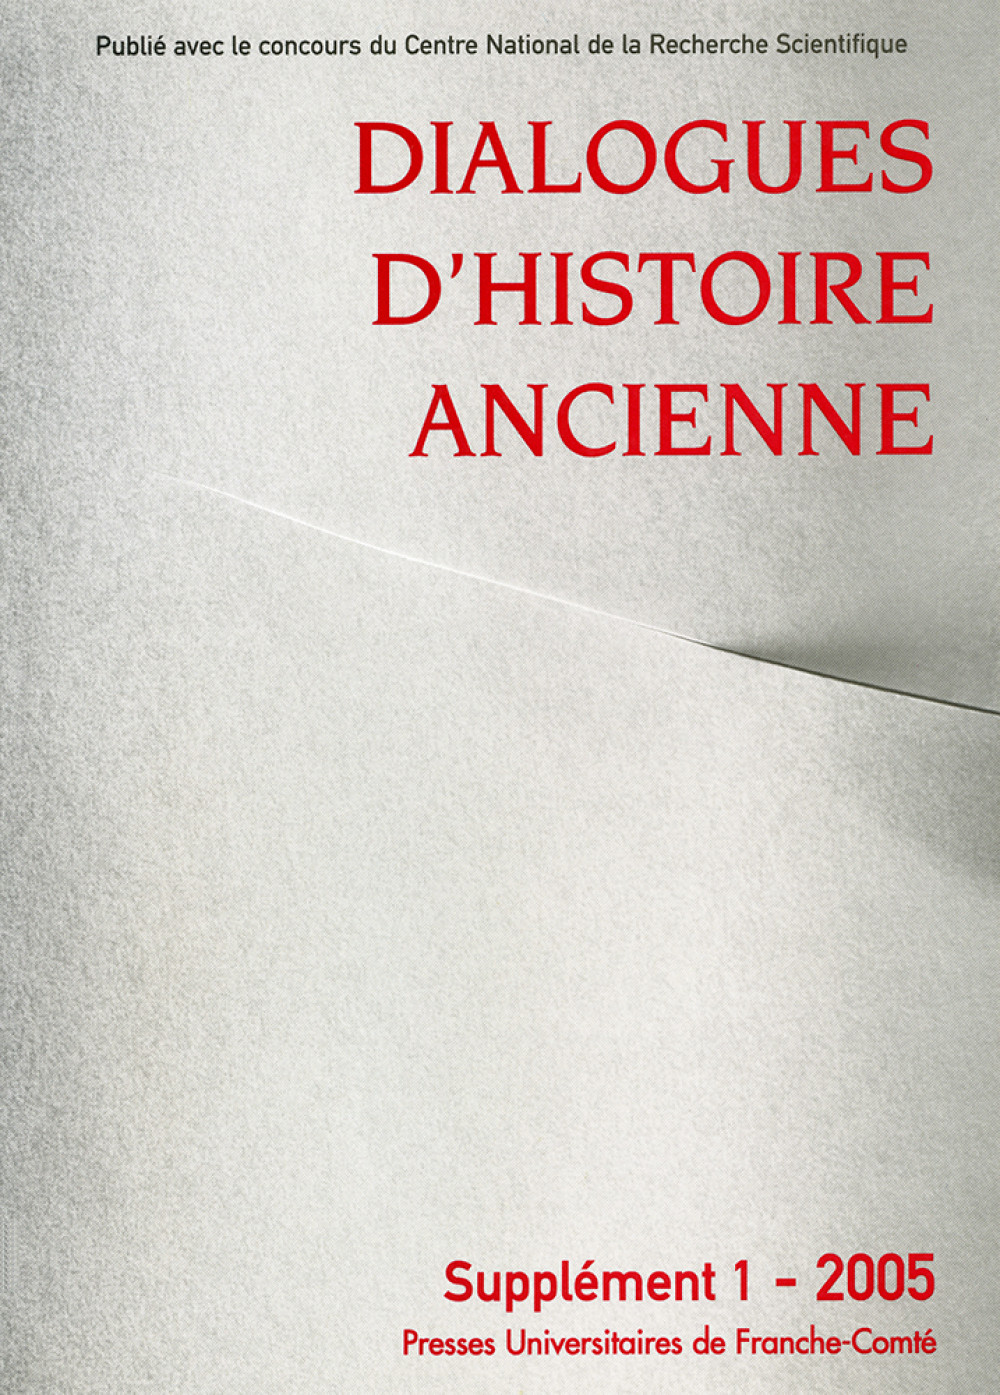 Dialogues d'Histoire Ancienne, supplément 1